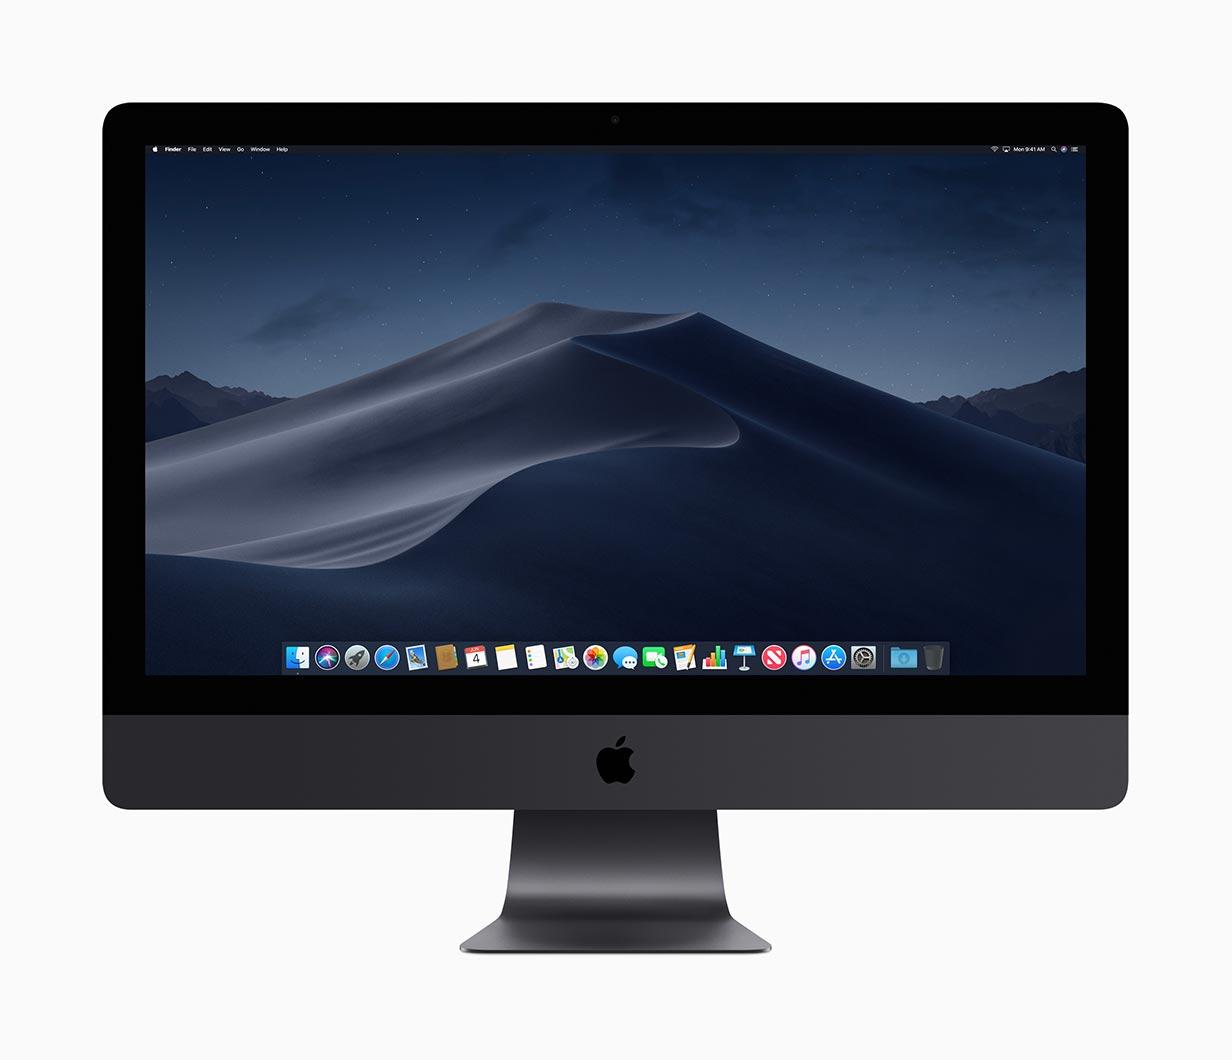 Apple、Mac向けに「macOS Mojave 10.14.2」リリース